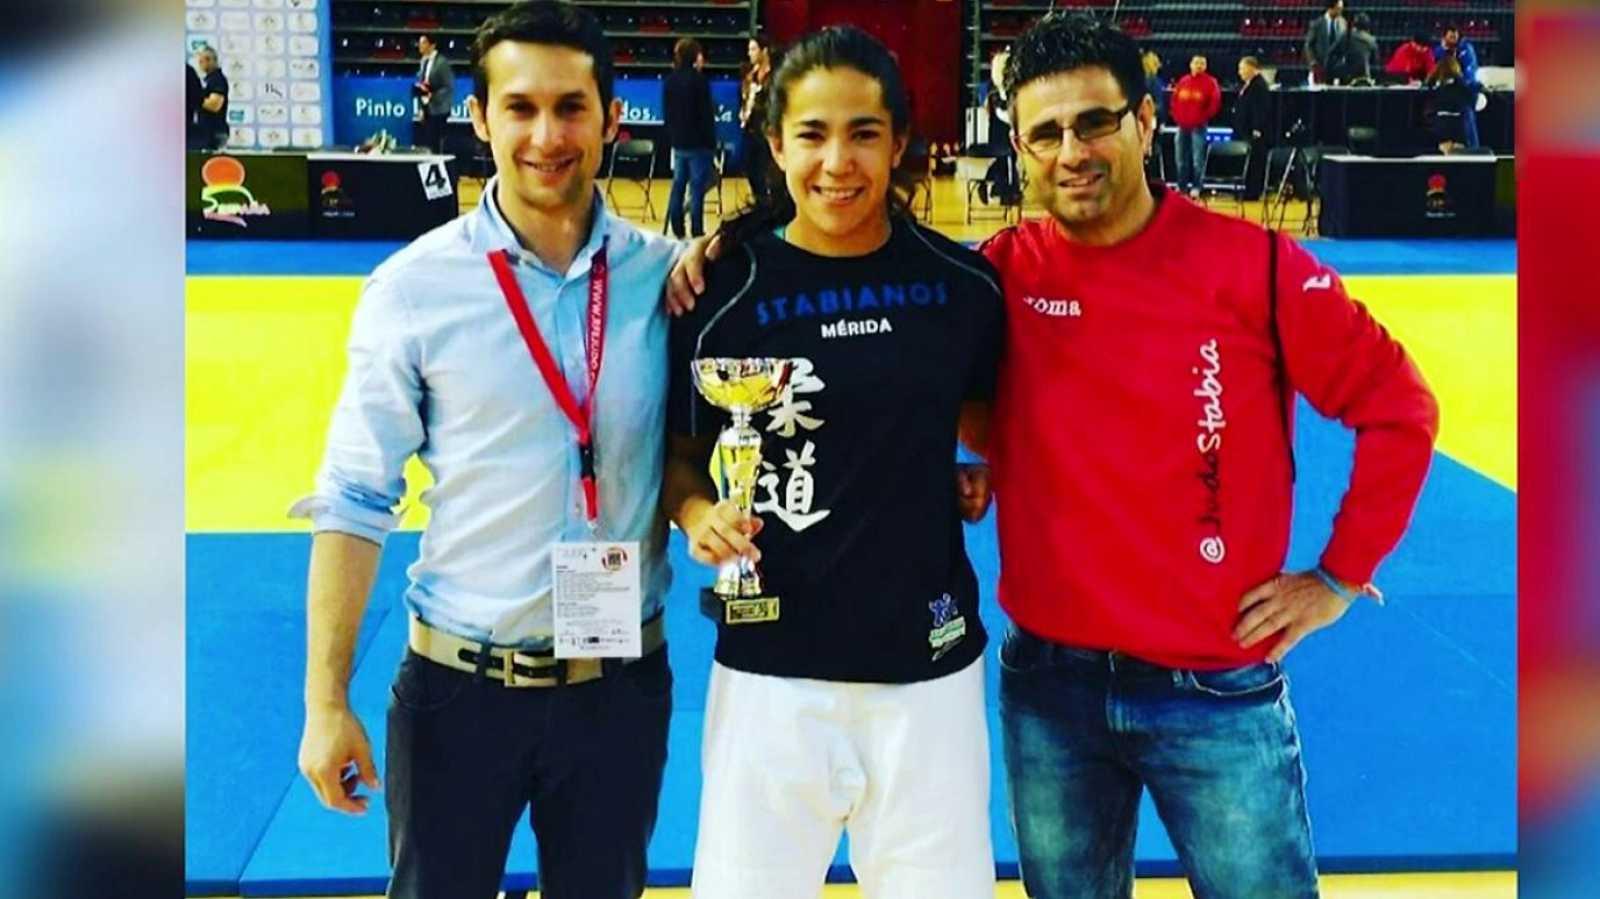 Mujer y Deporte - Judo: Cristina Cabaña - ver ahora